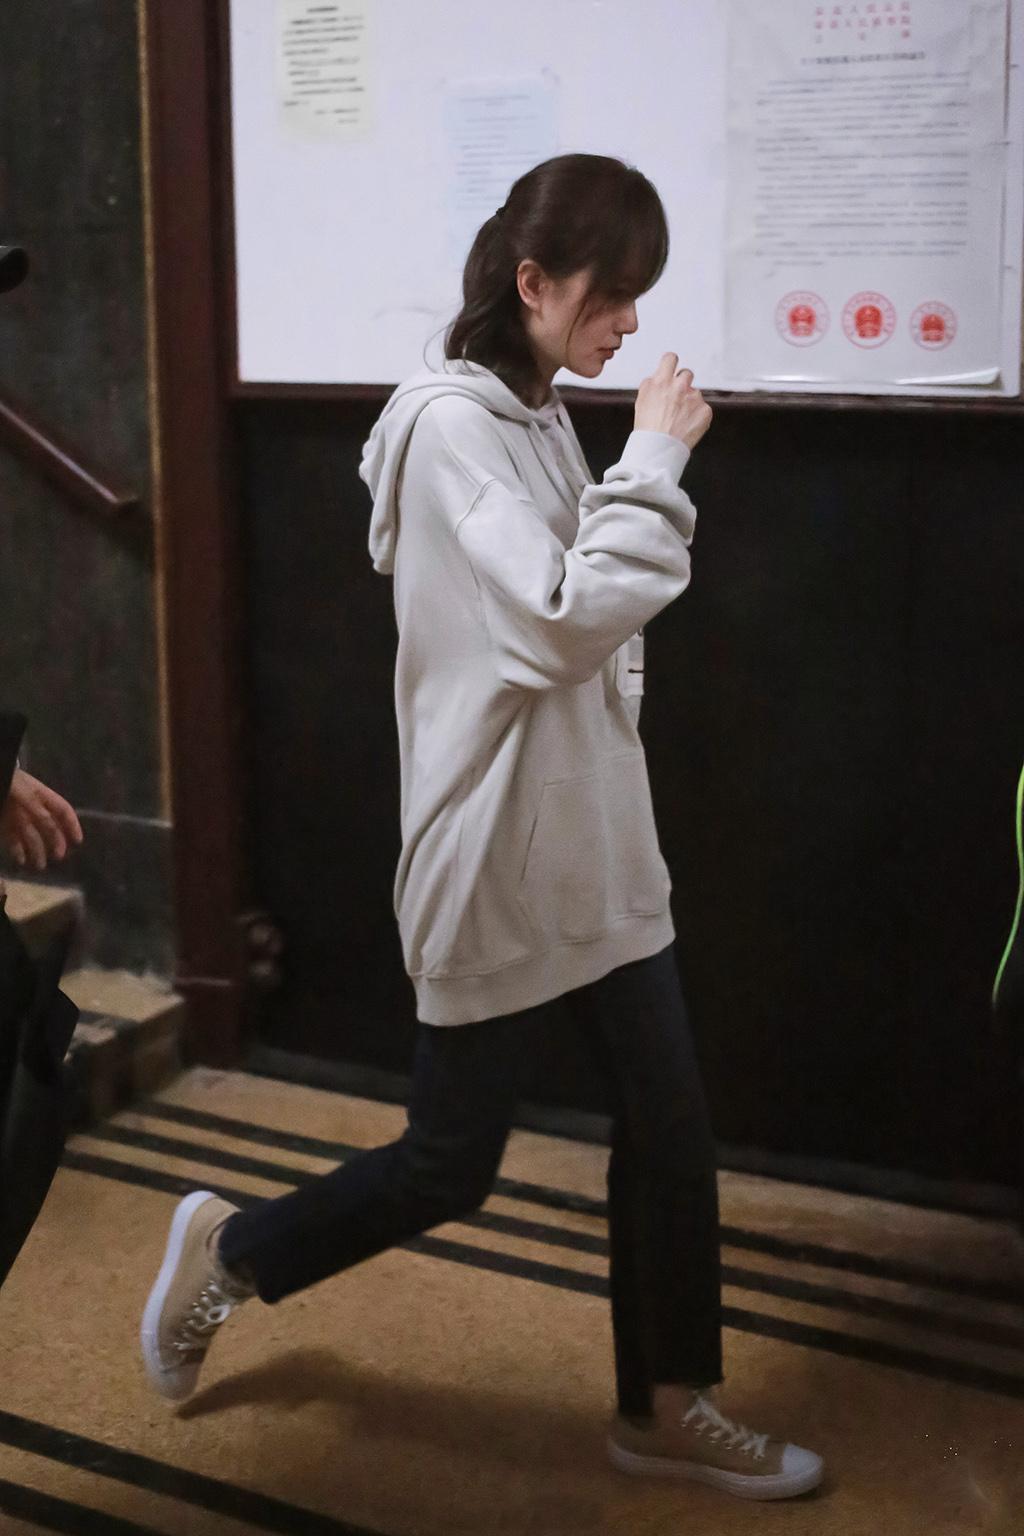 原创             刘诗诗产后状态大好,秀蚂蚁腰、筷子腿,穿搭风格更胜从前!